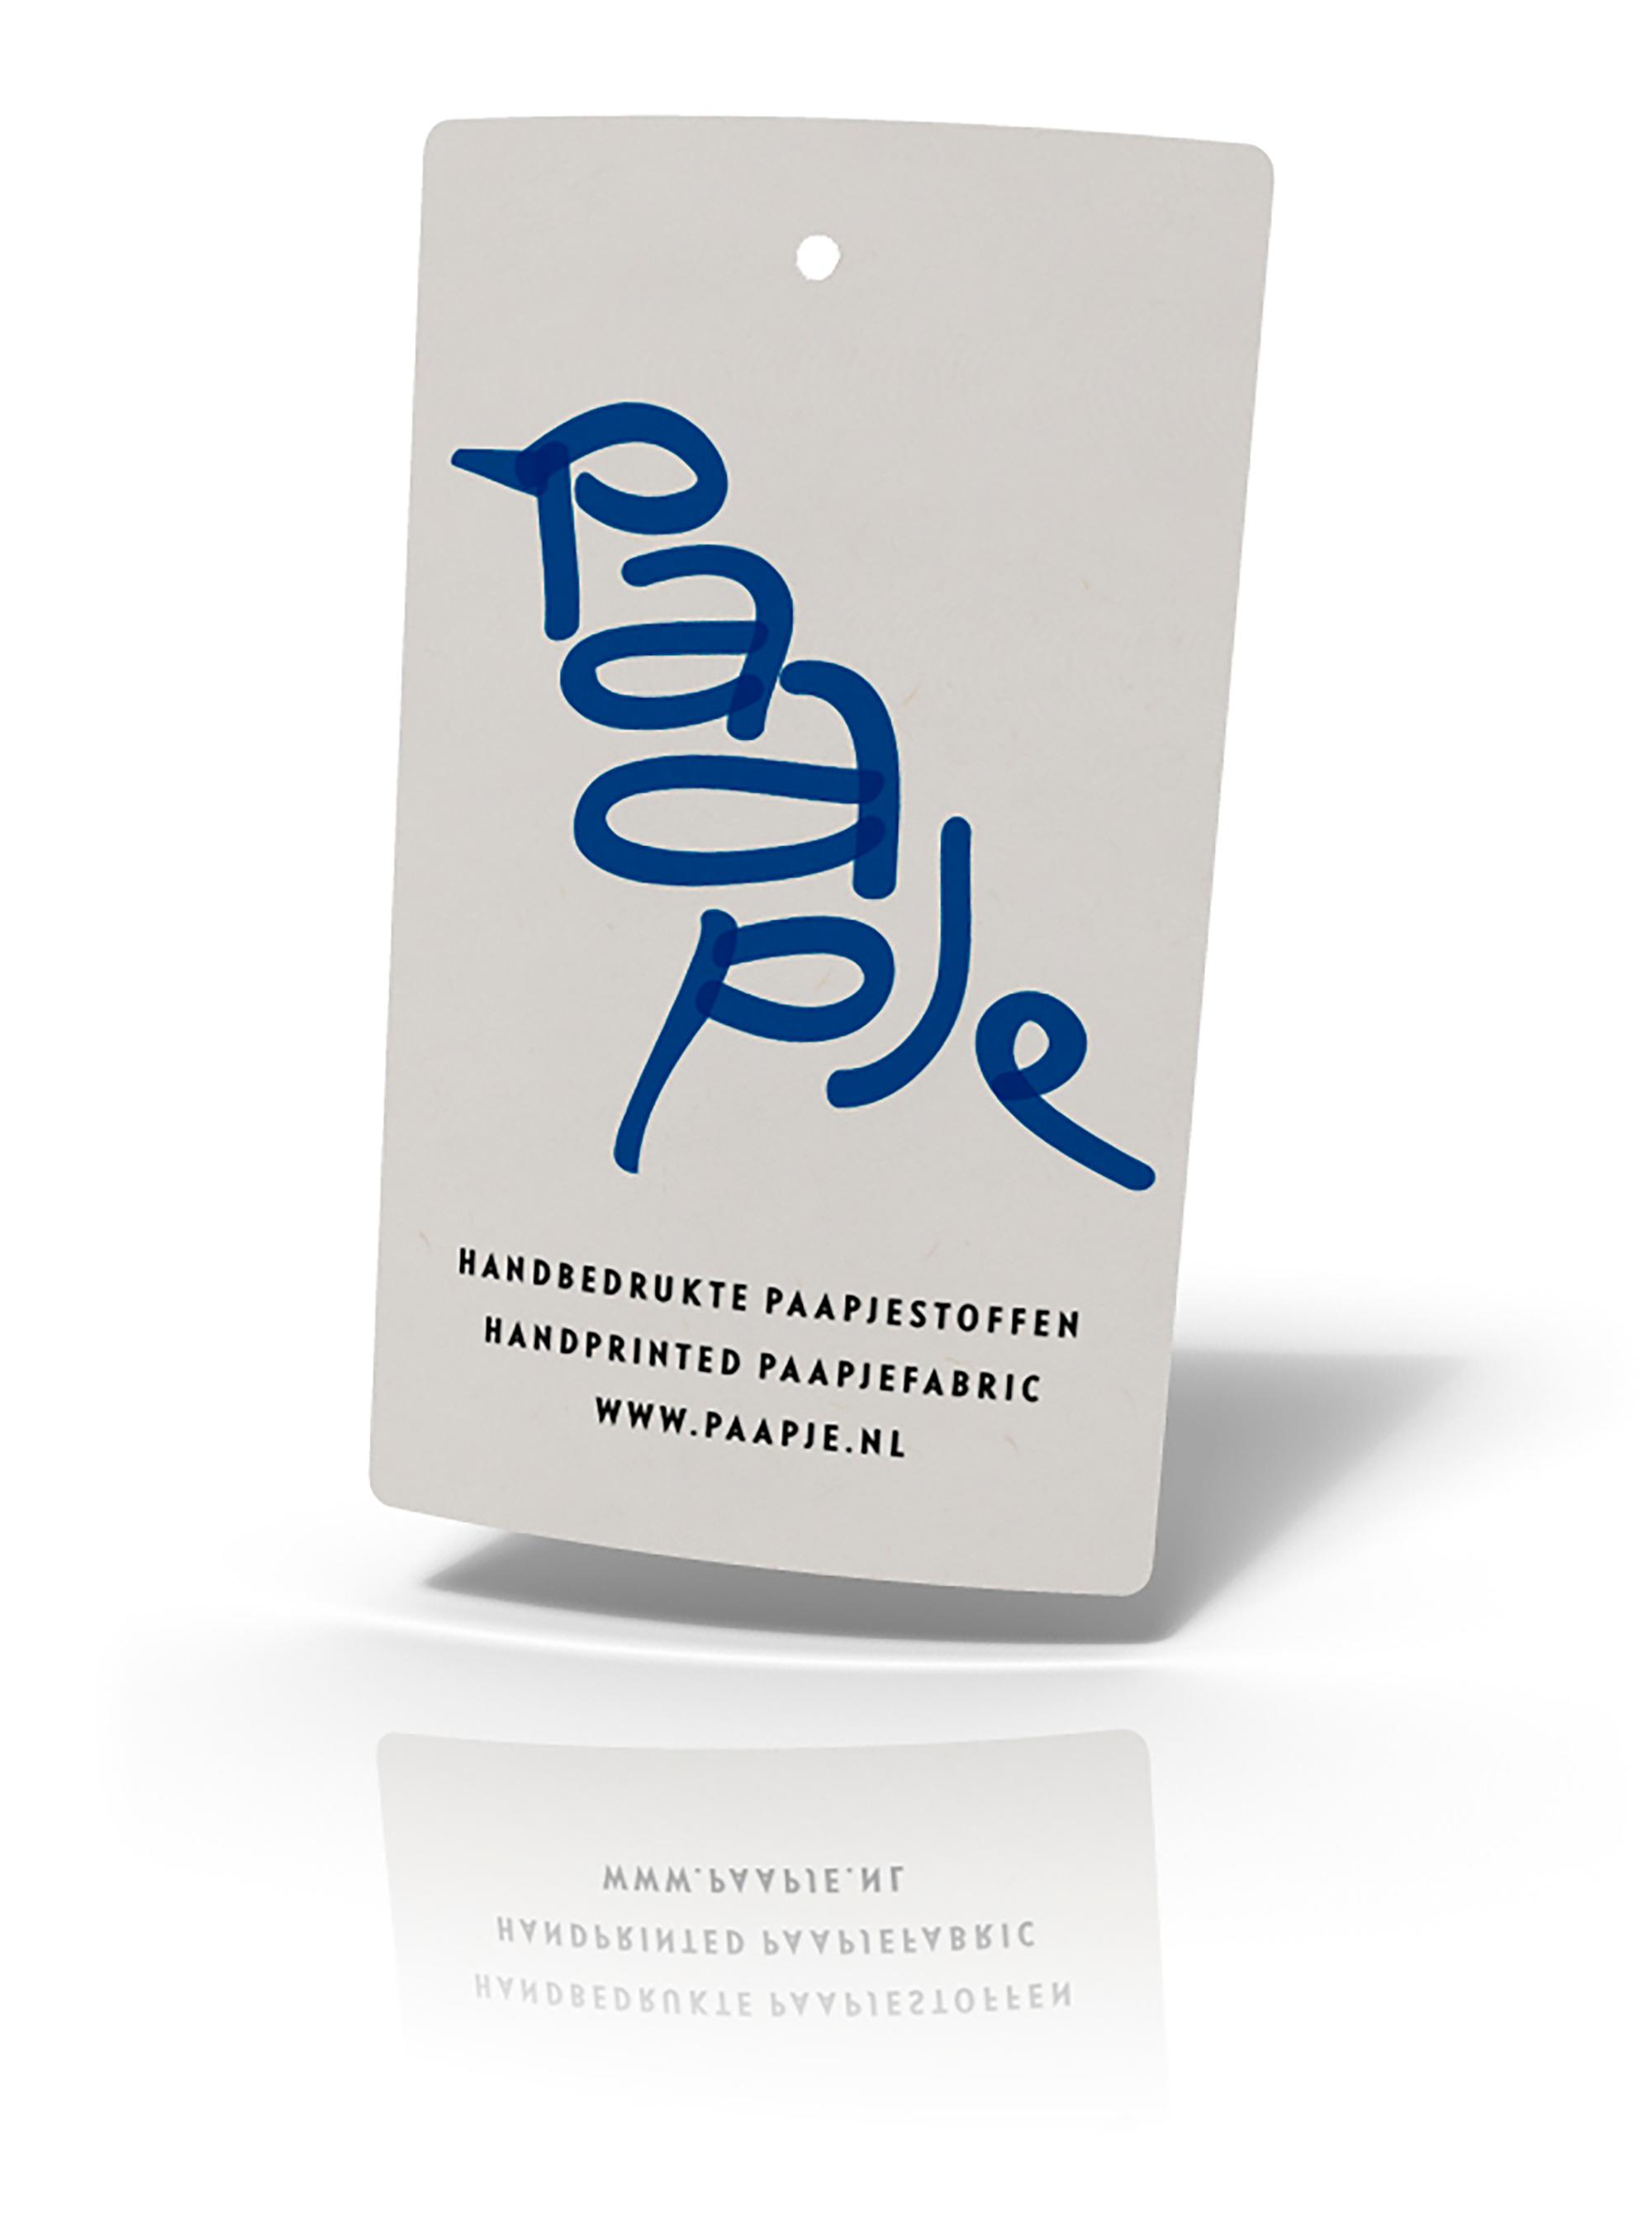 Paapje logo op label